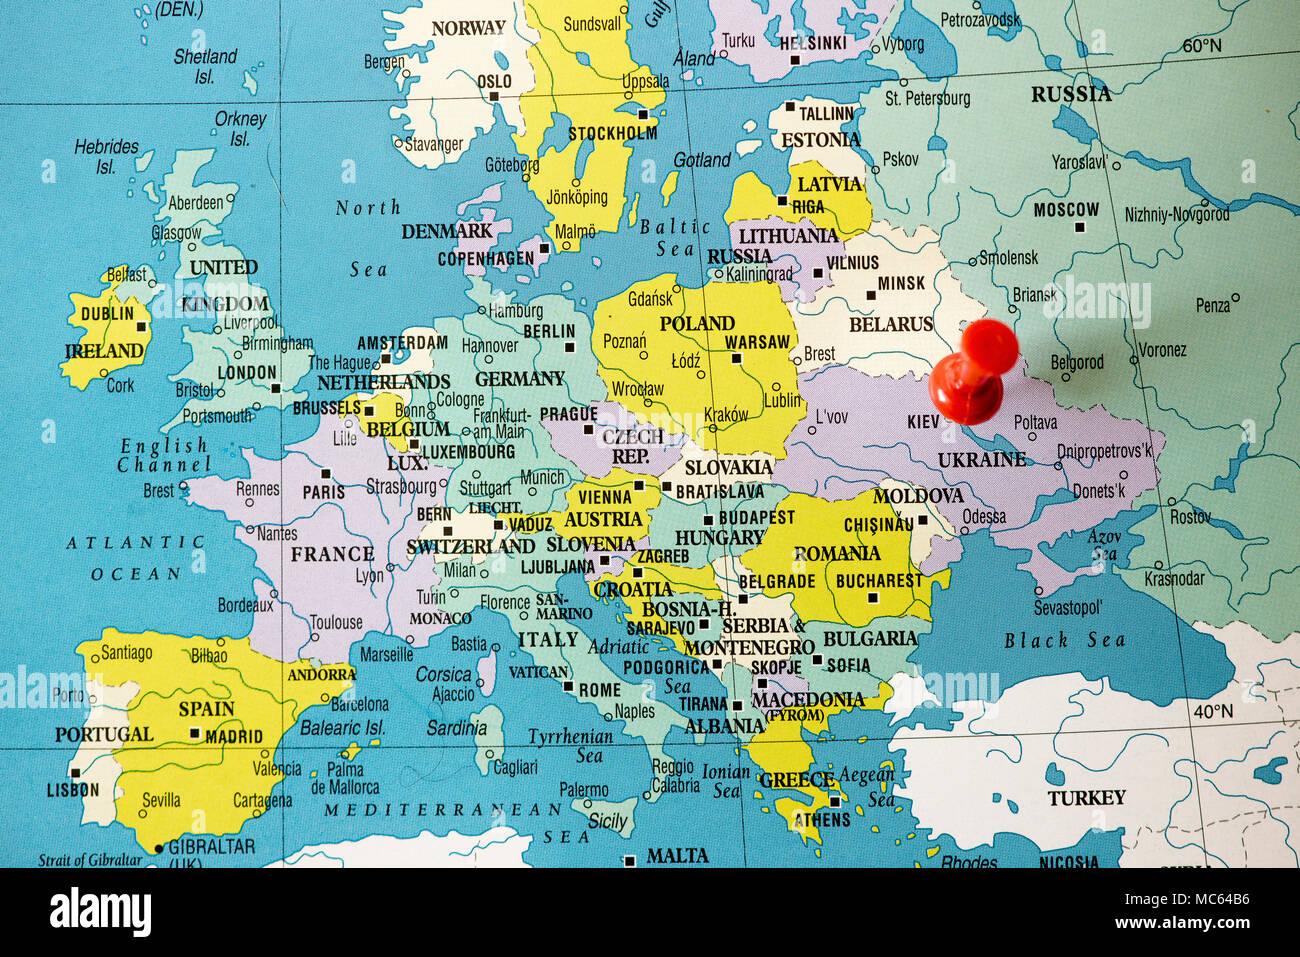 Politico Mapa Europa Con Capitales.Mapa Politico De Europa La Ciudad De Kiev Capital De